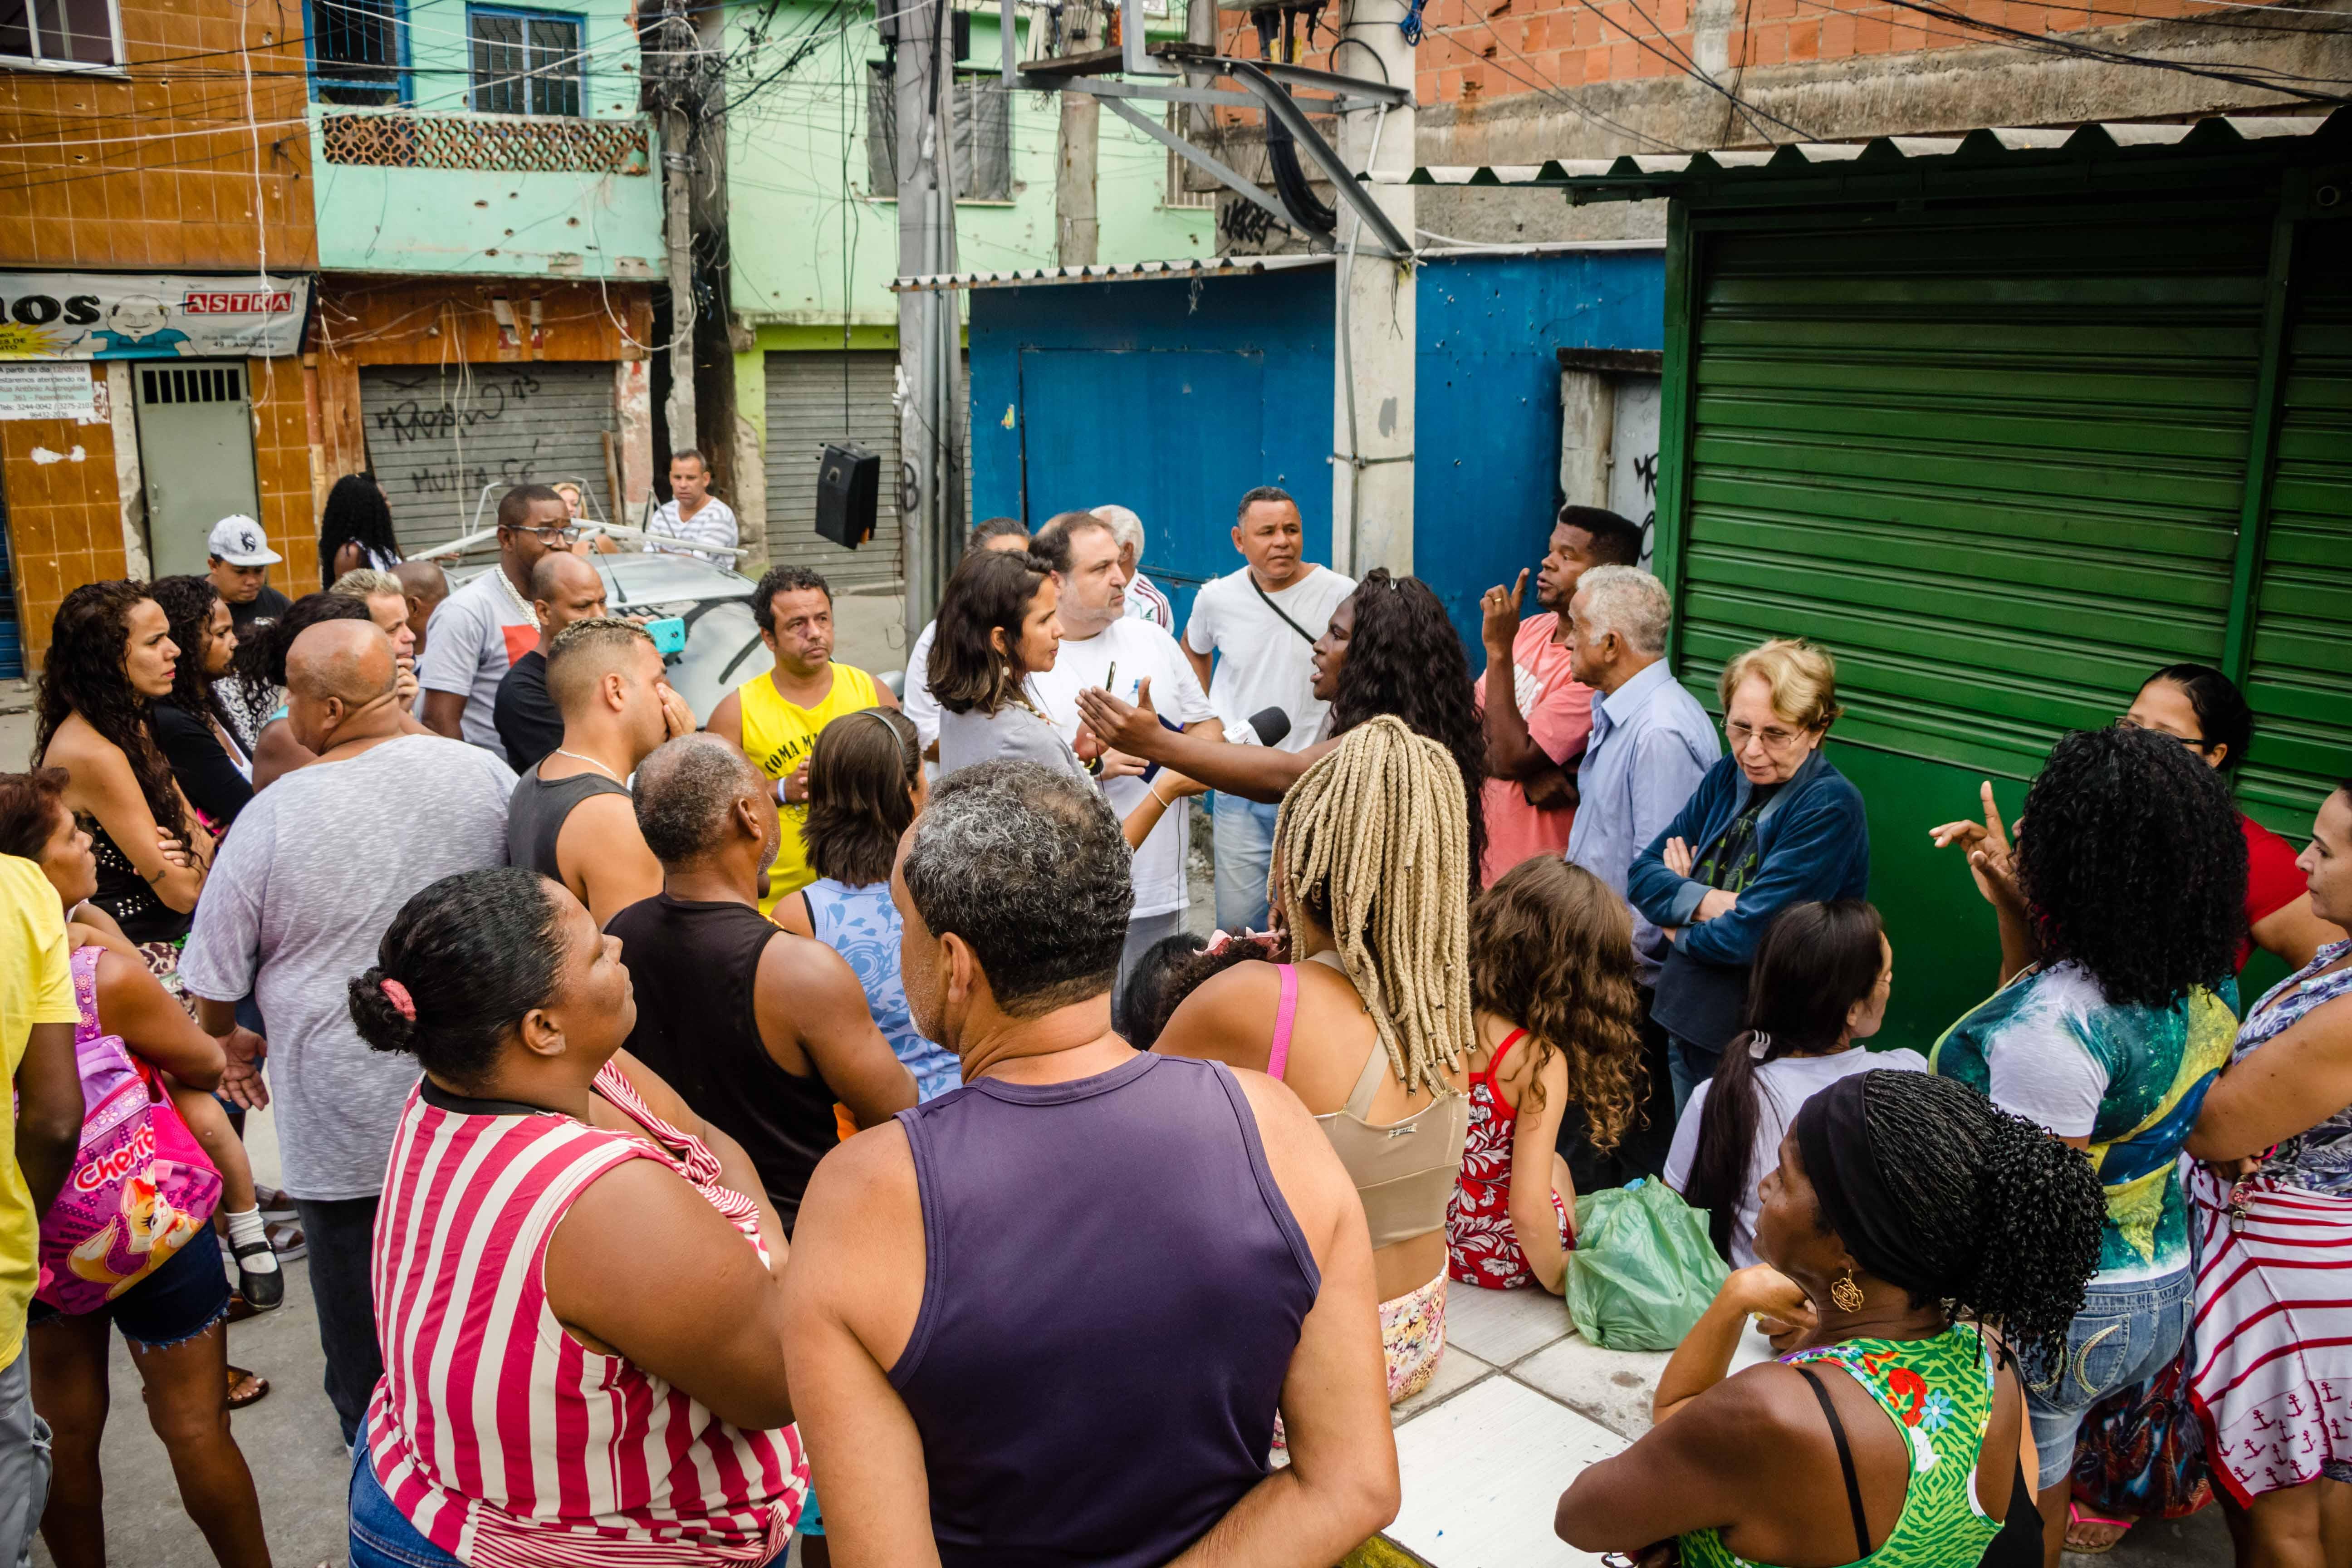 Cerca de 40 moradores participaram da reunião, que aconteceu na Praça do Zumbi - Foto: Renato Moura/Voz Das Comunidades